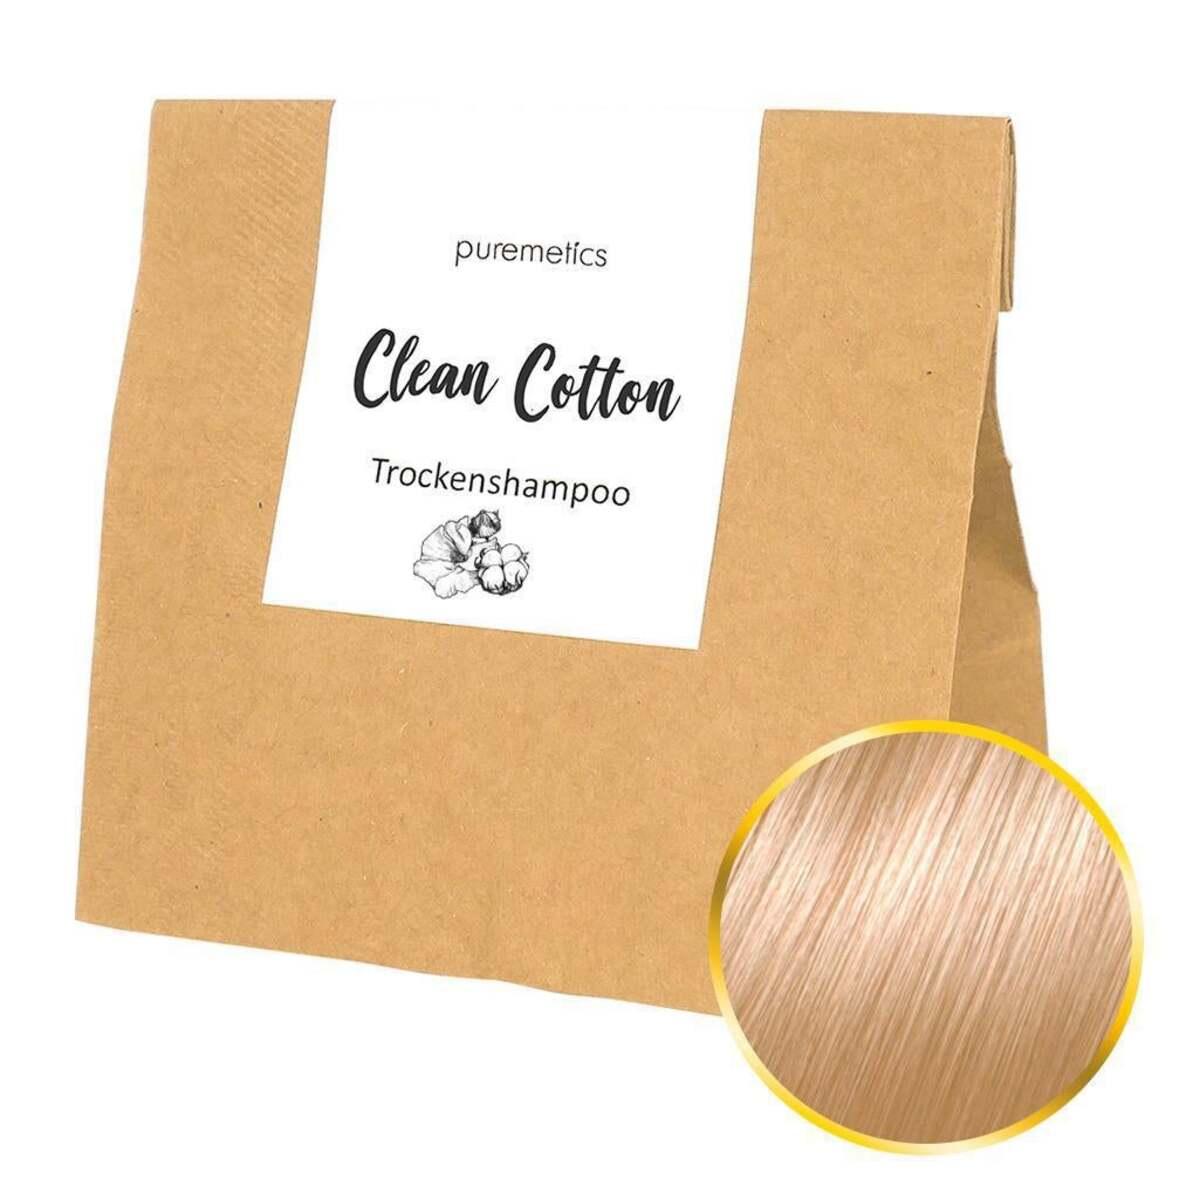 Bild 1 von puremetics Trocken-Shampoo Clean Cotton Nachfüllpack